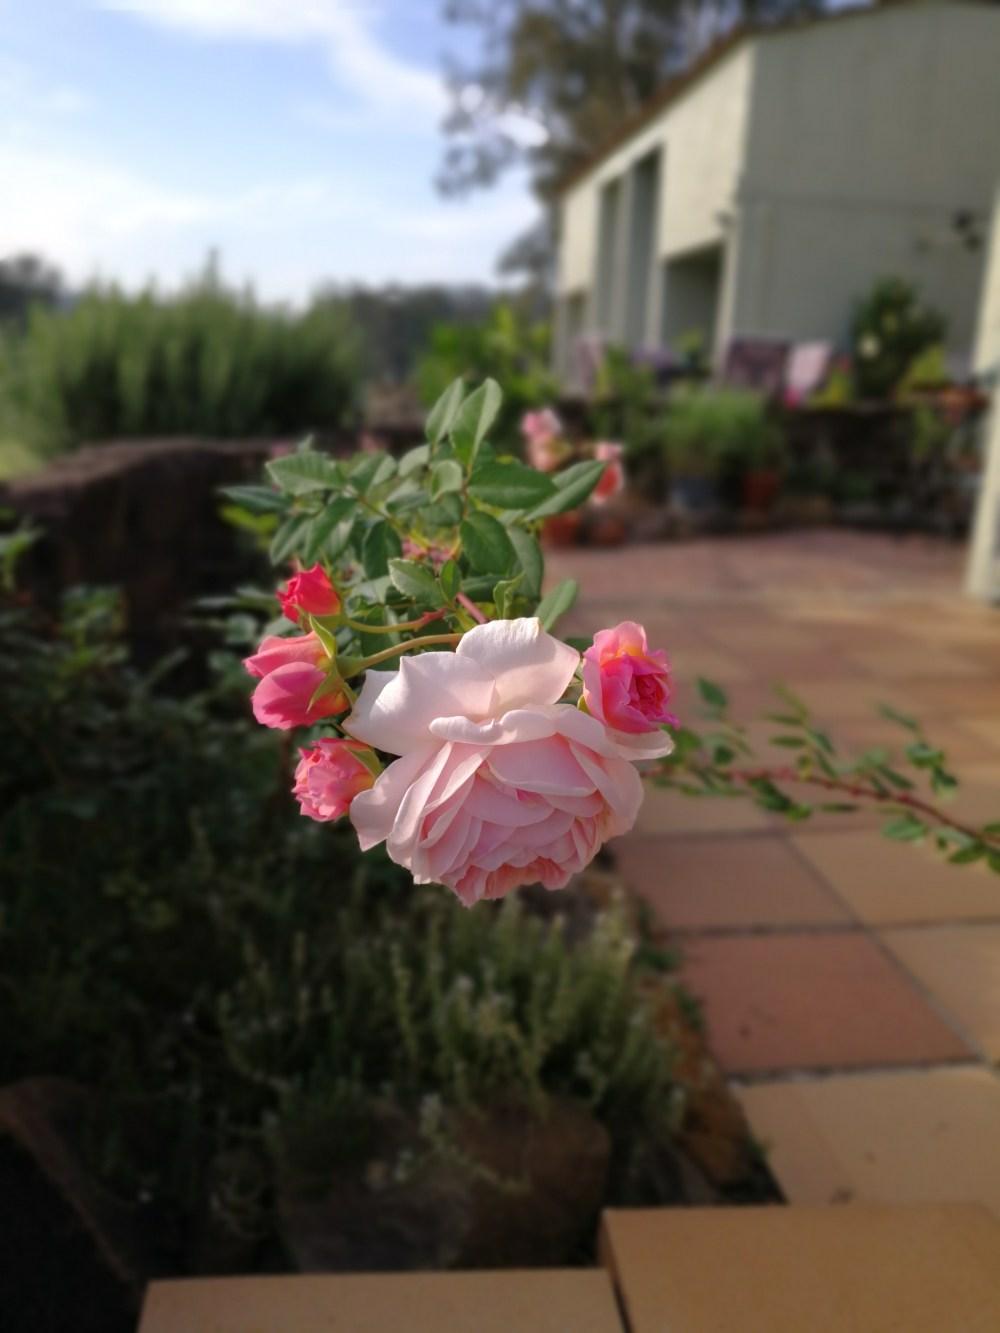 David Austin rose in Queensland Australia William Morris pink